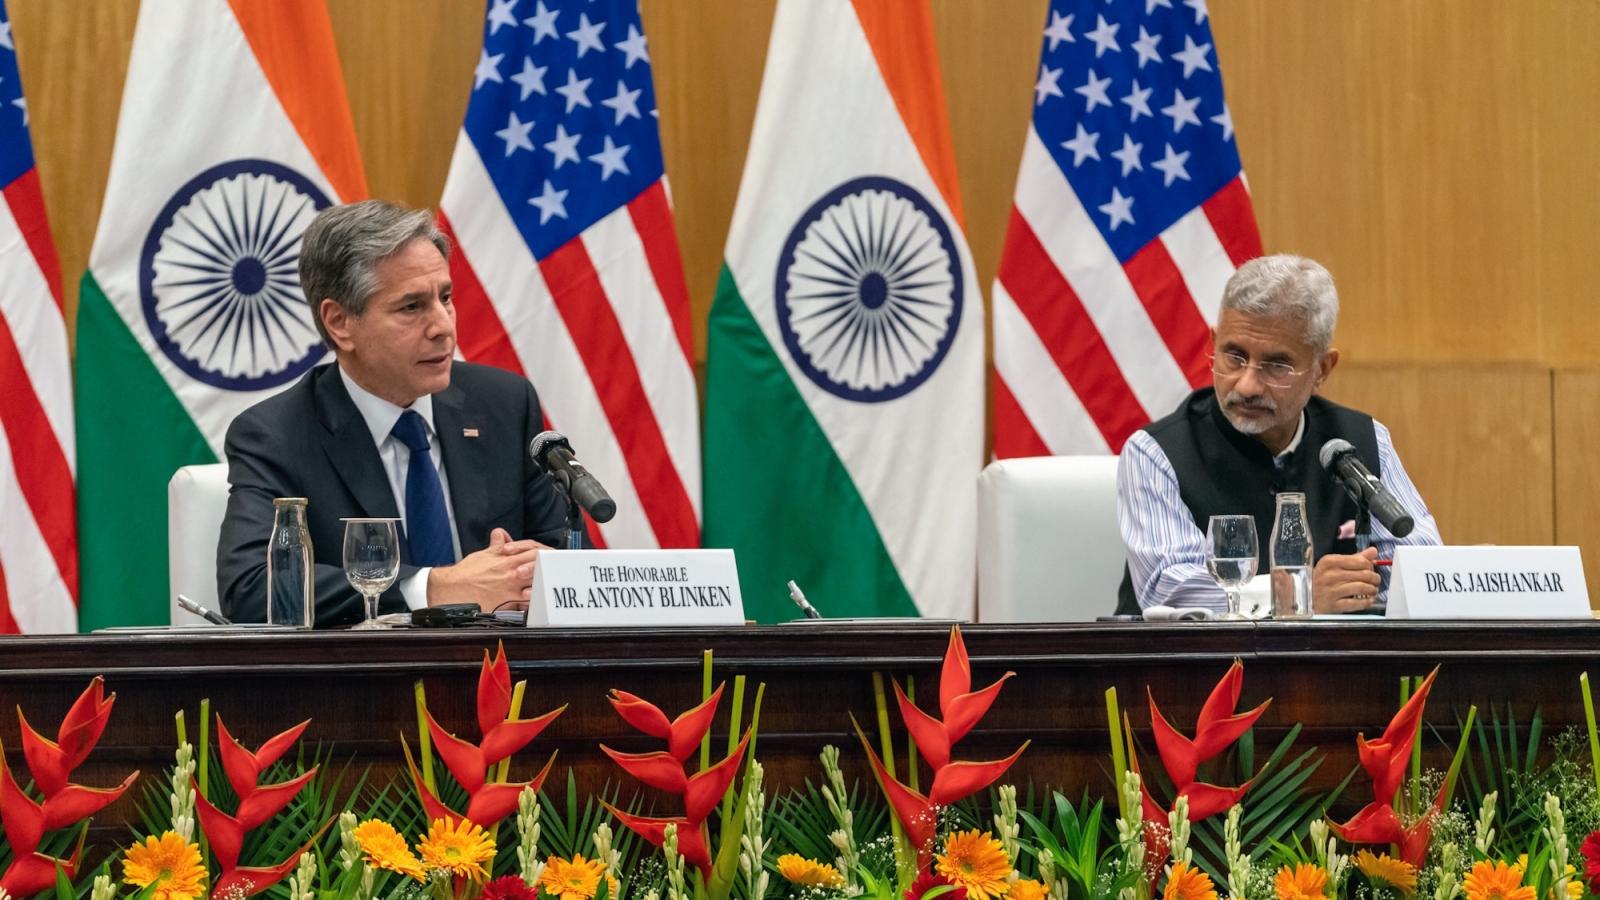 Mỹ tặng 25 triệu USD cho chương trình vaccine Covid-19 của Ấn Độ